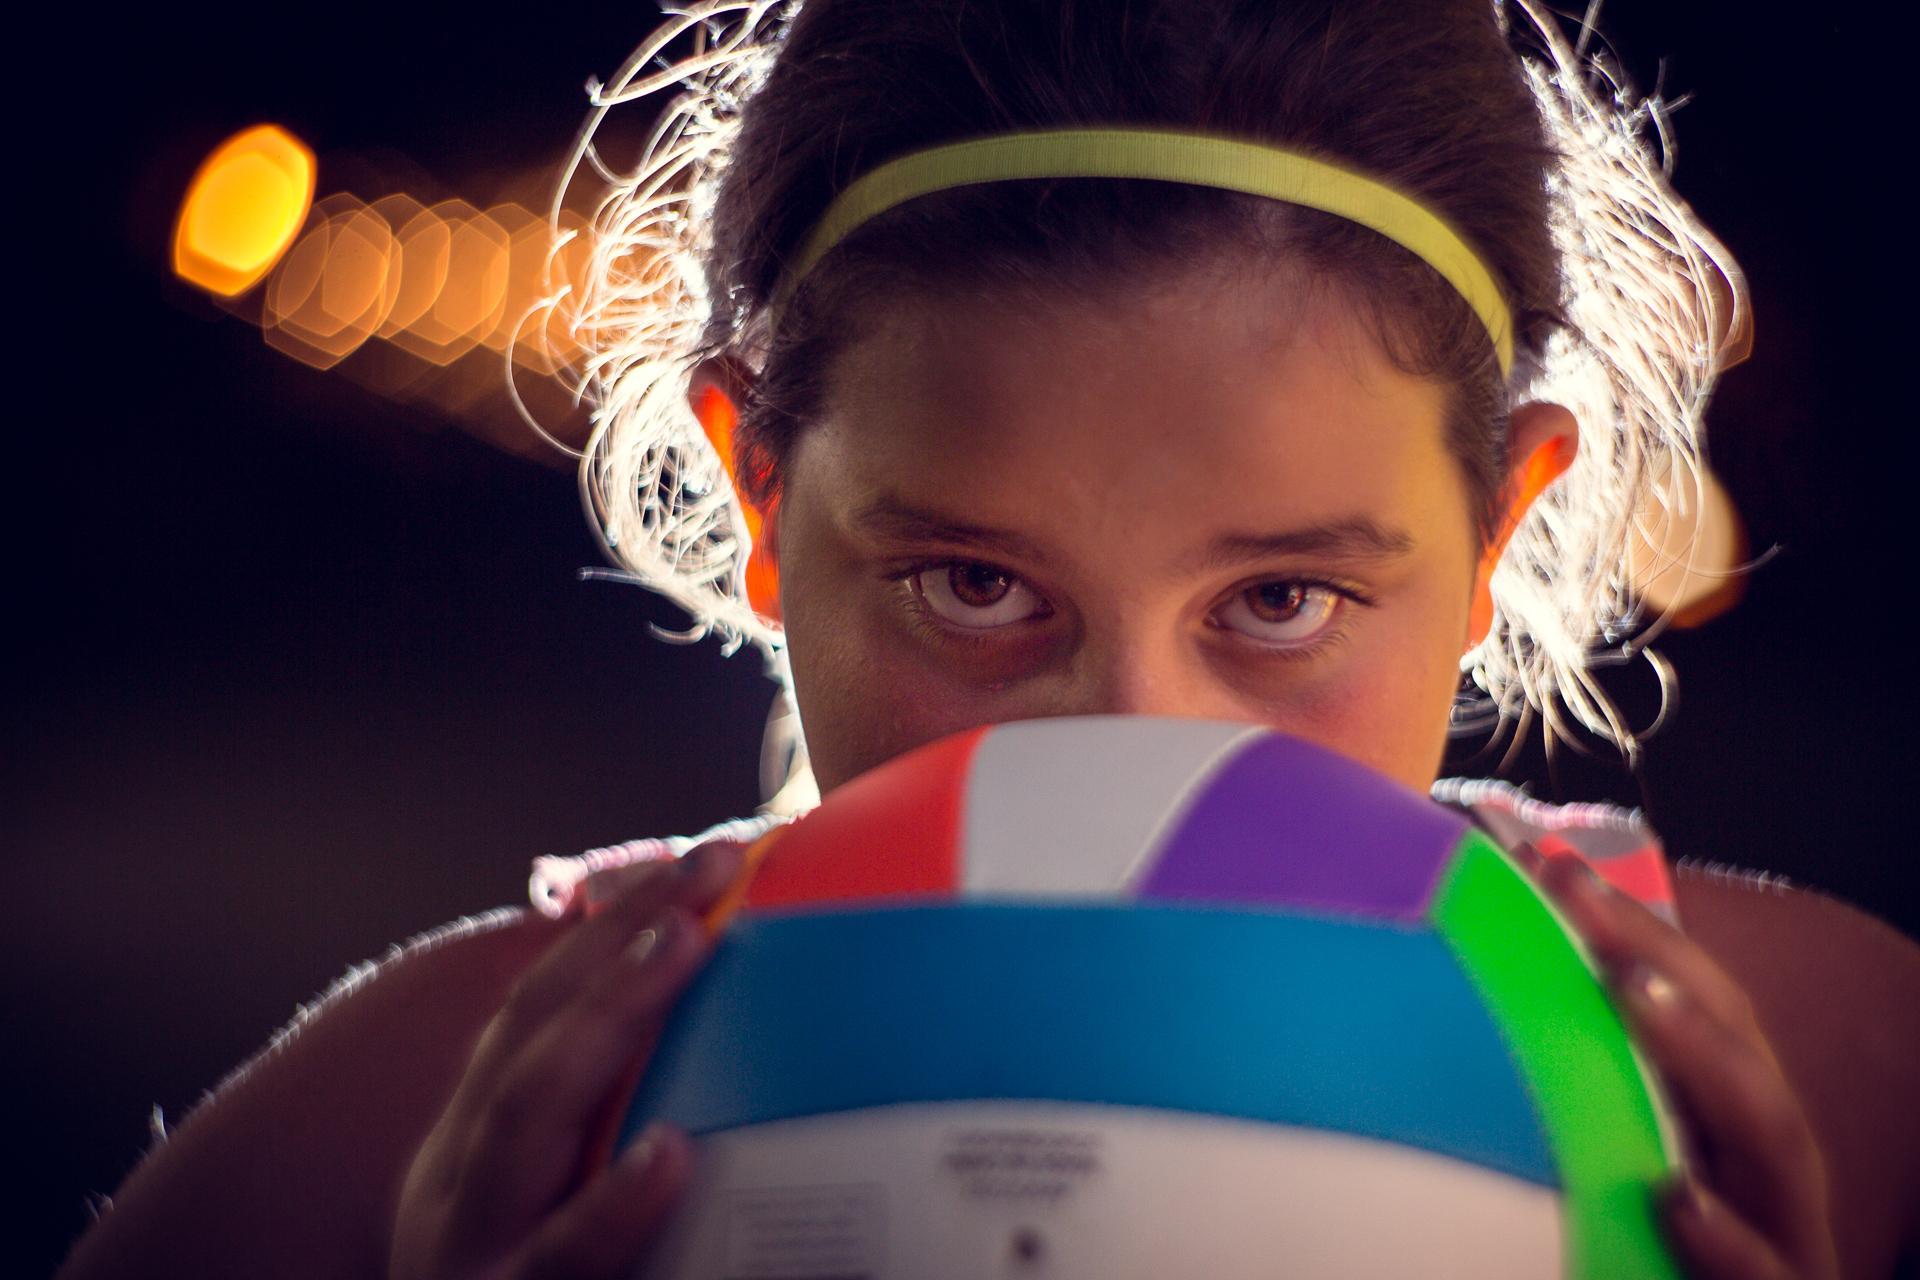 Petzval_Lens_Bokeh_Volleyball_Bay_Area_Photographer_003.jpg